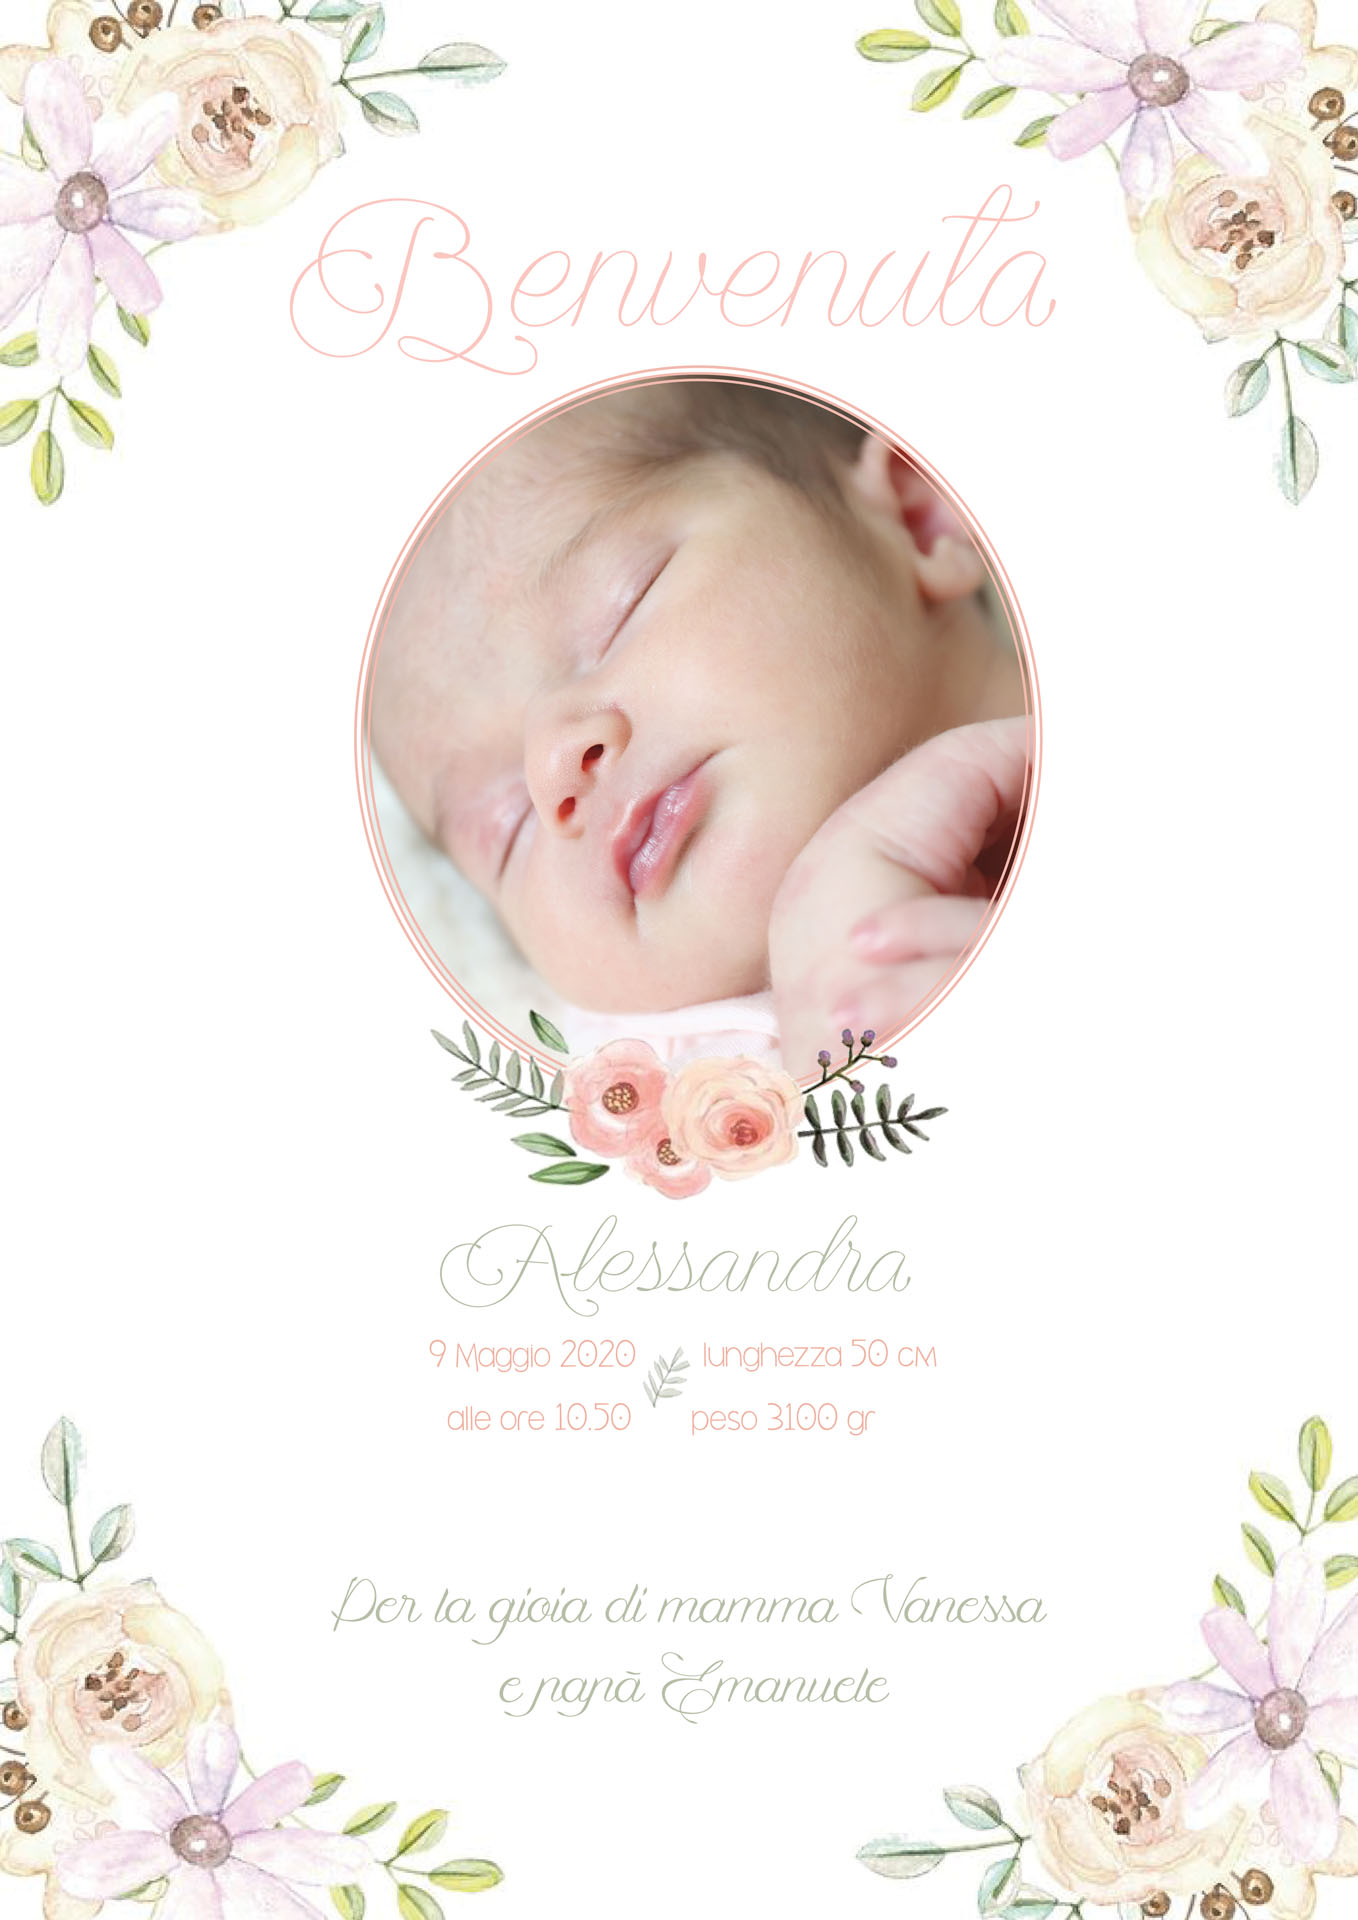 welcome con foto _6